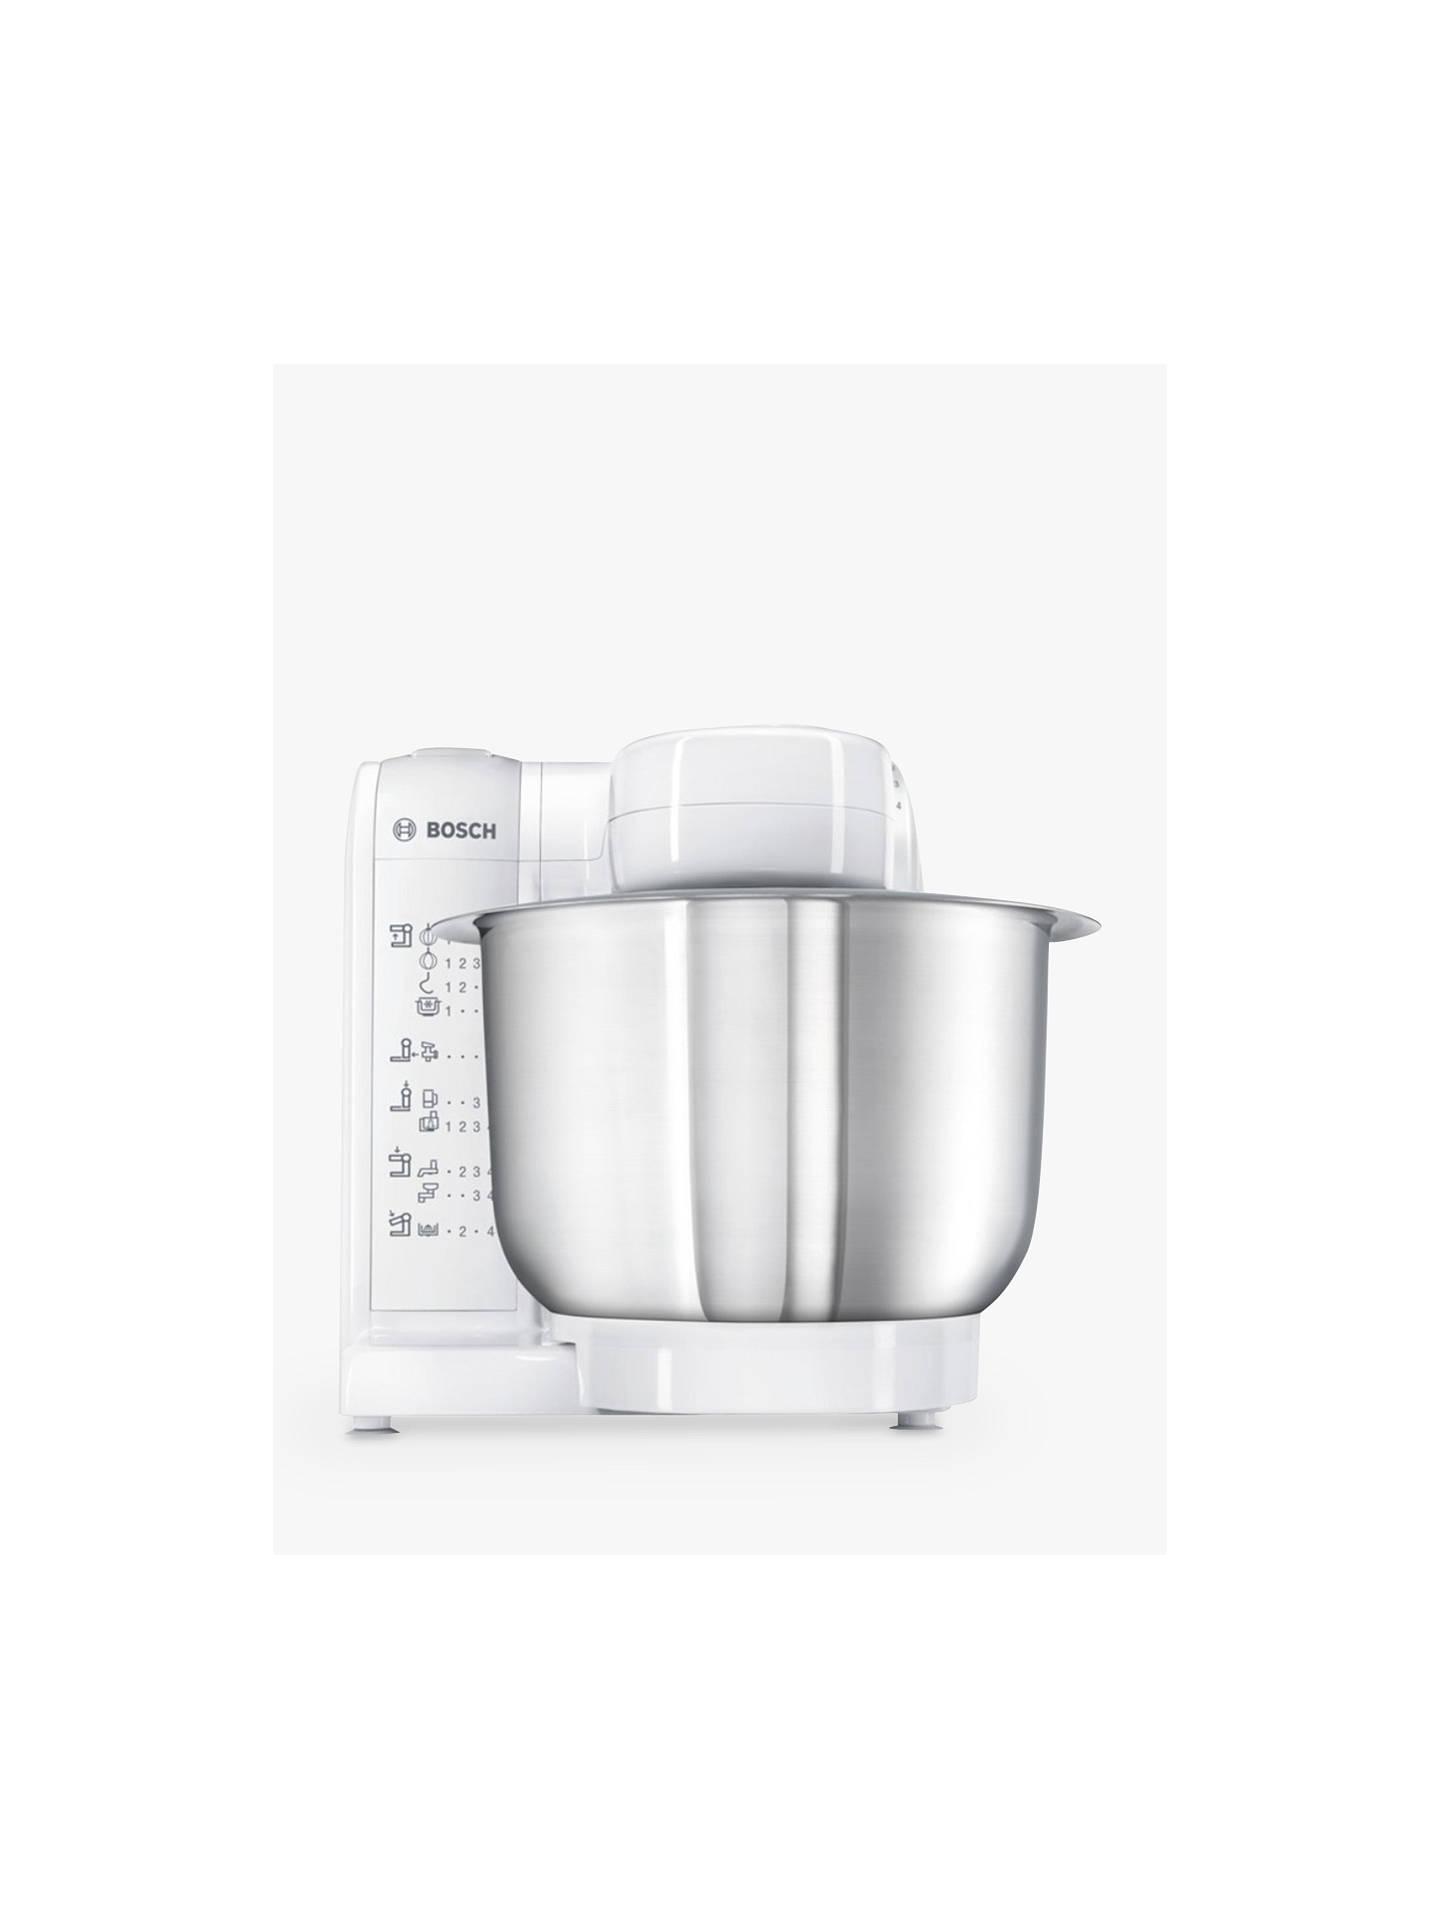 Buybosch mum4807gb kitchen food mixer white online at johnlewis com